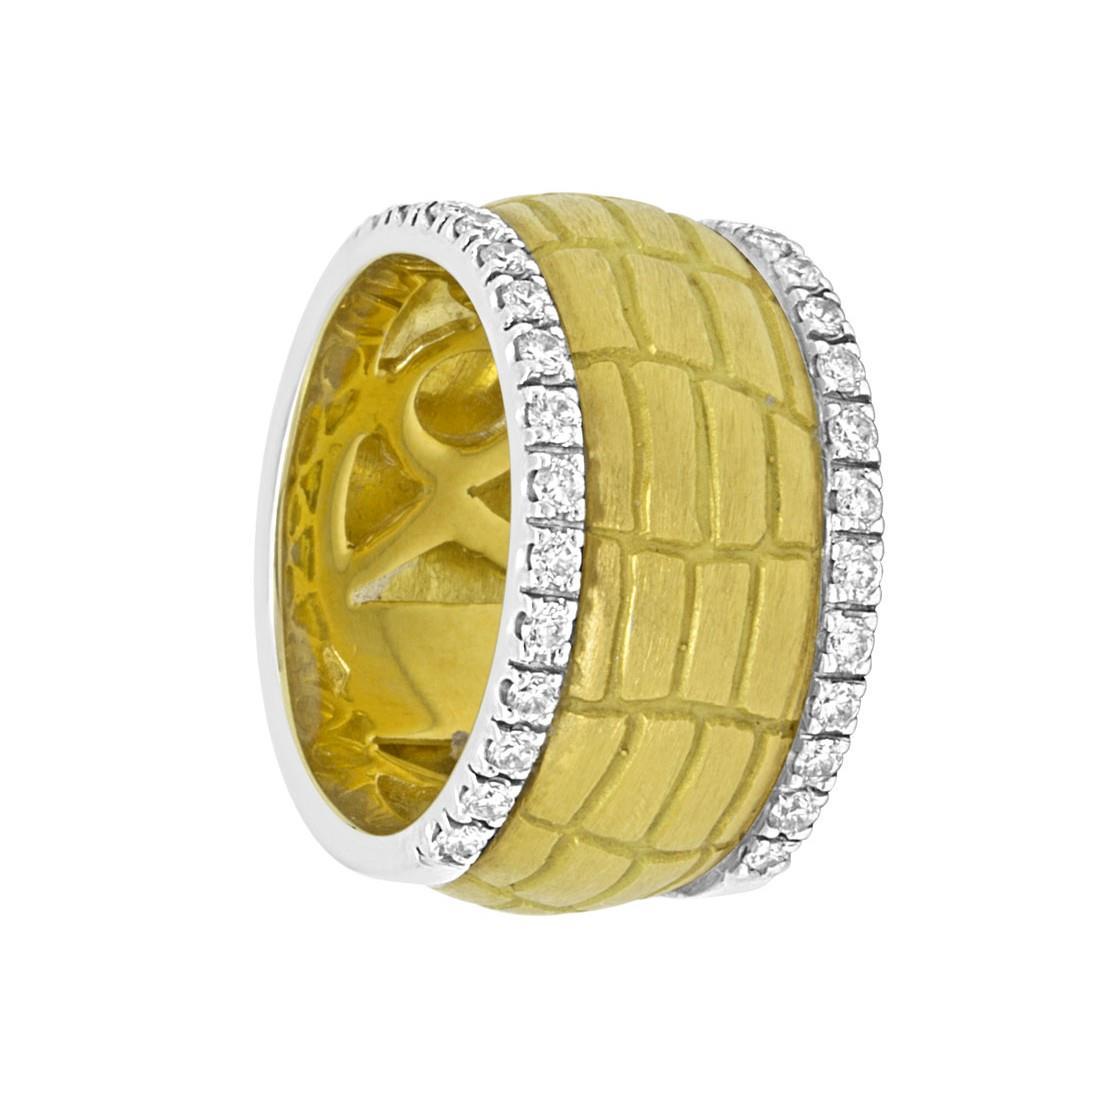 Anello in oro giallo con diamanti ct 0.60, misura 14 - ORO&CO